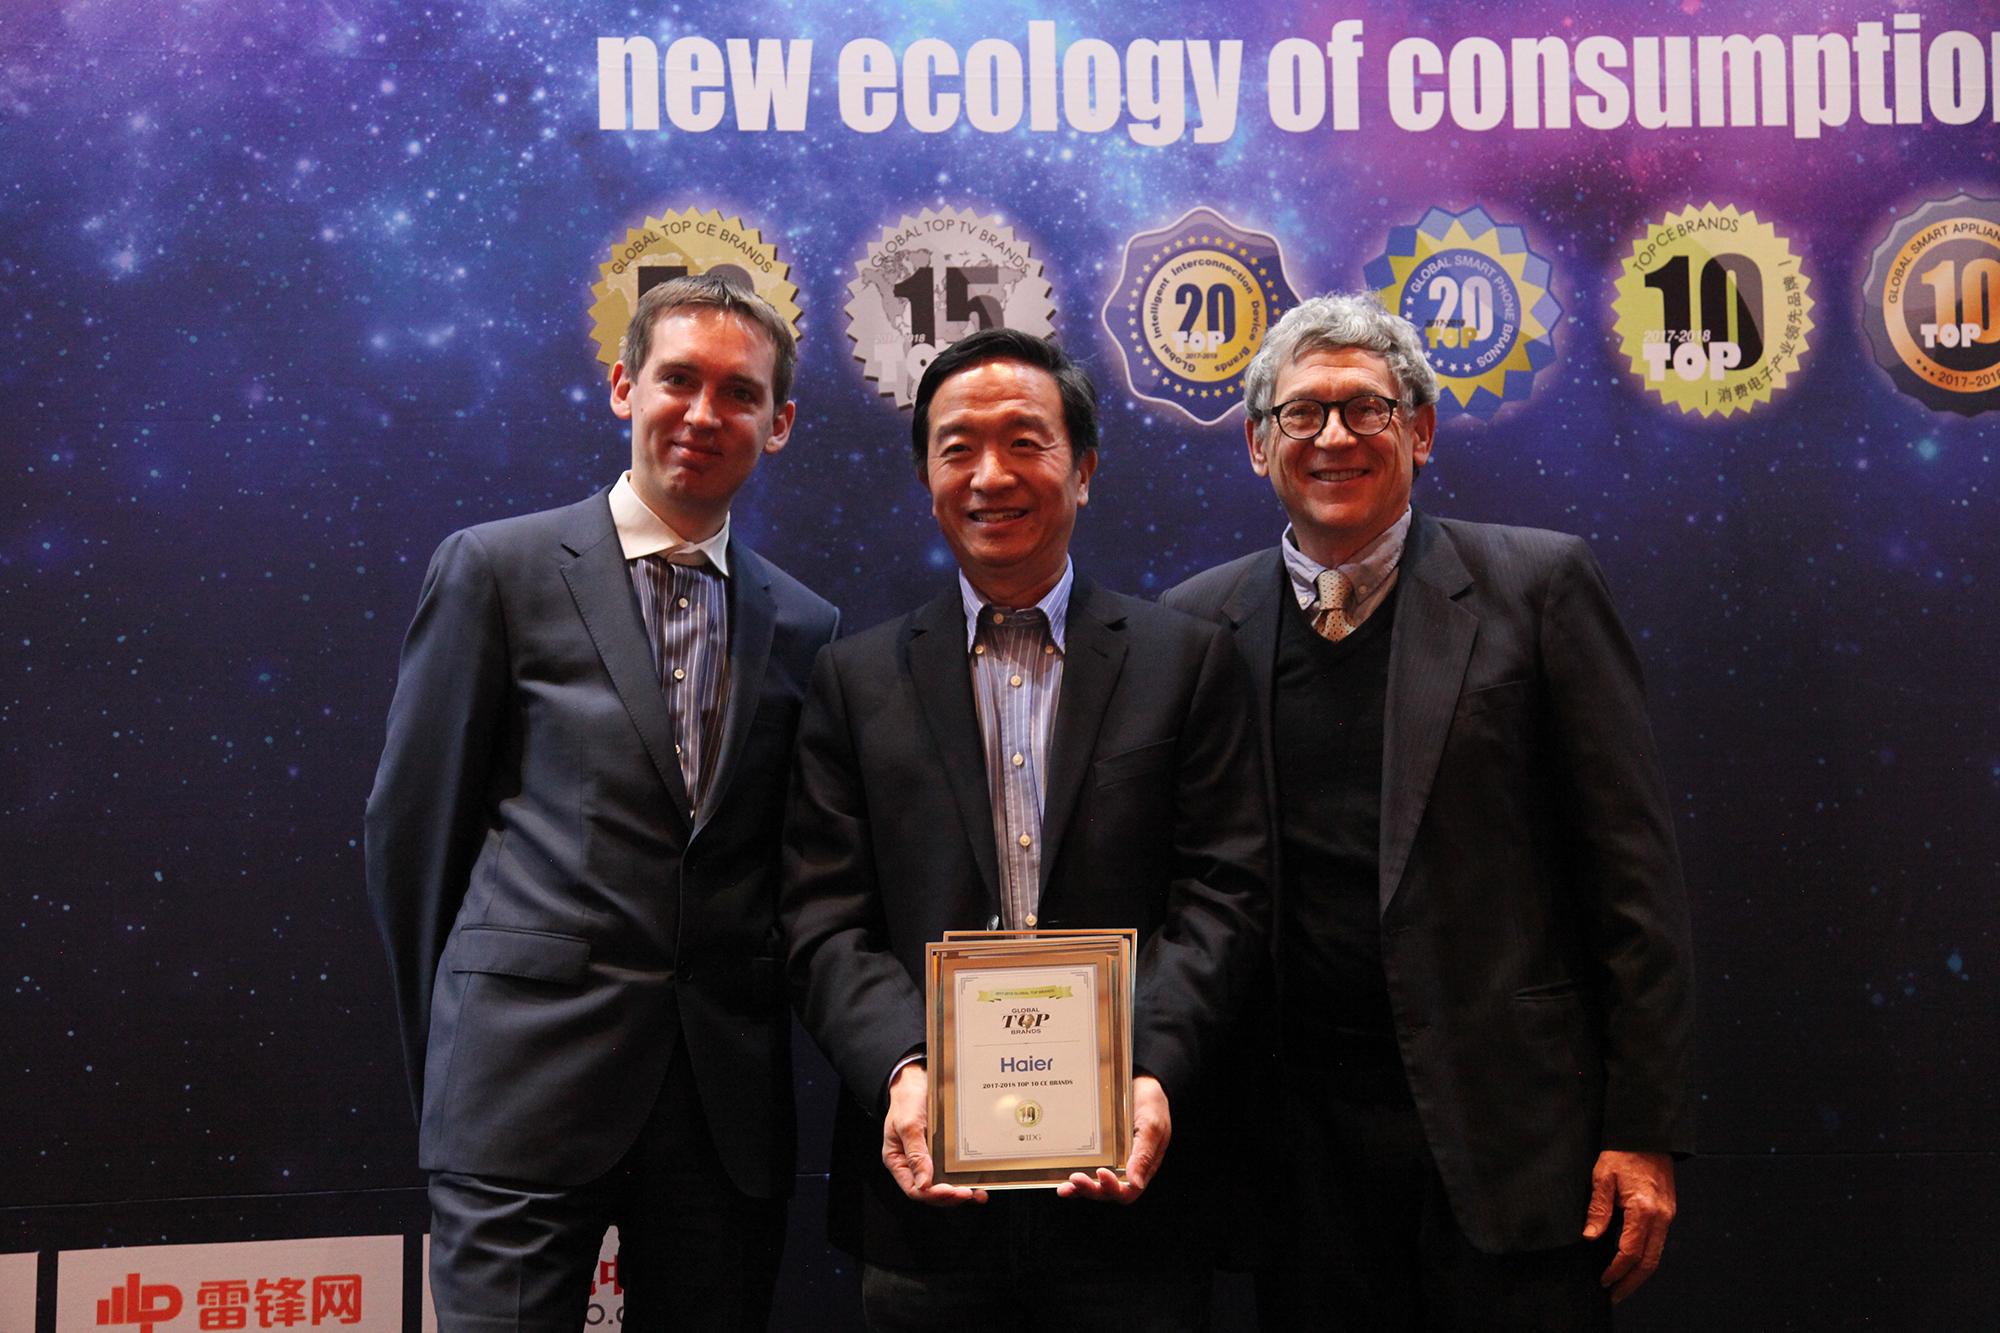 海尔斩获全球智慧家电领先品牌TOP10 成中国唯一获奖企业